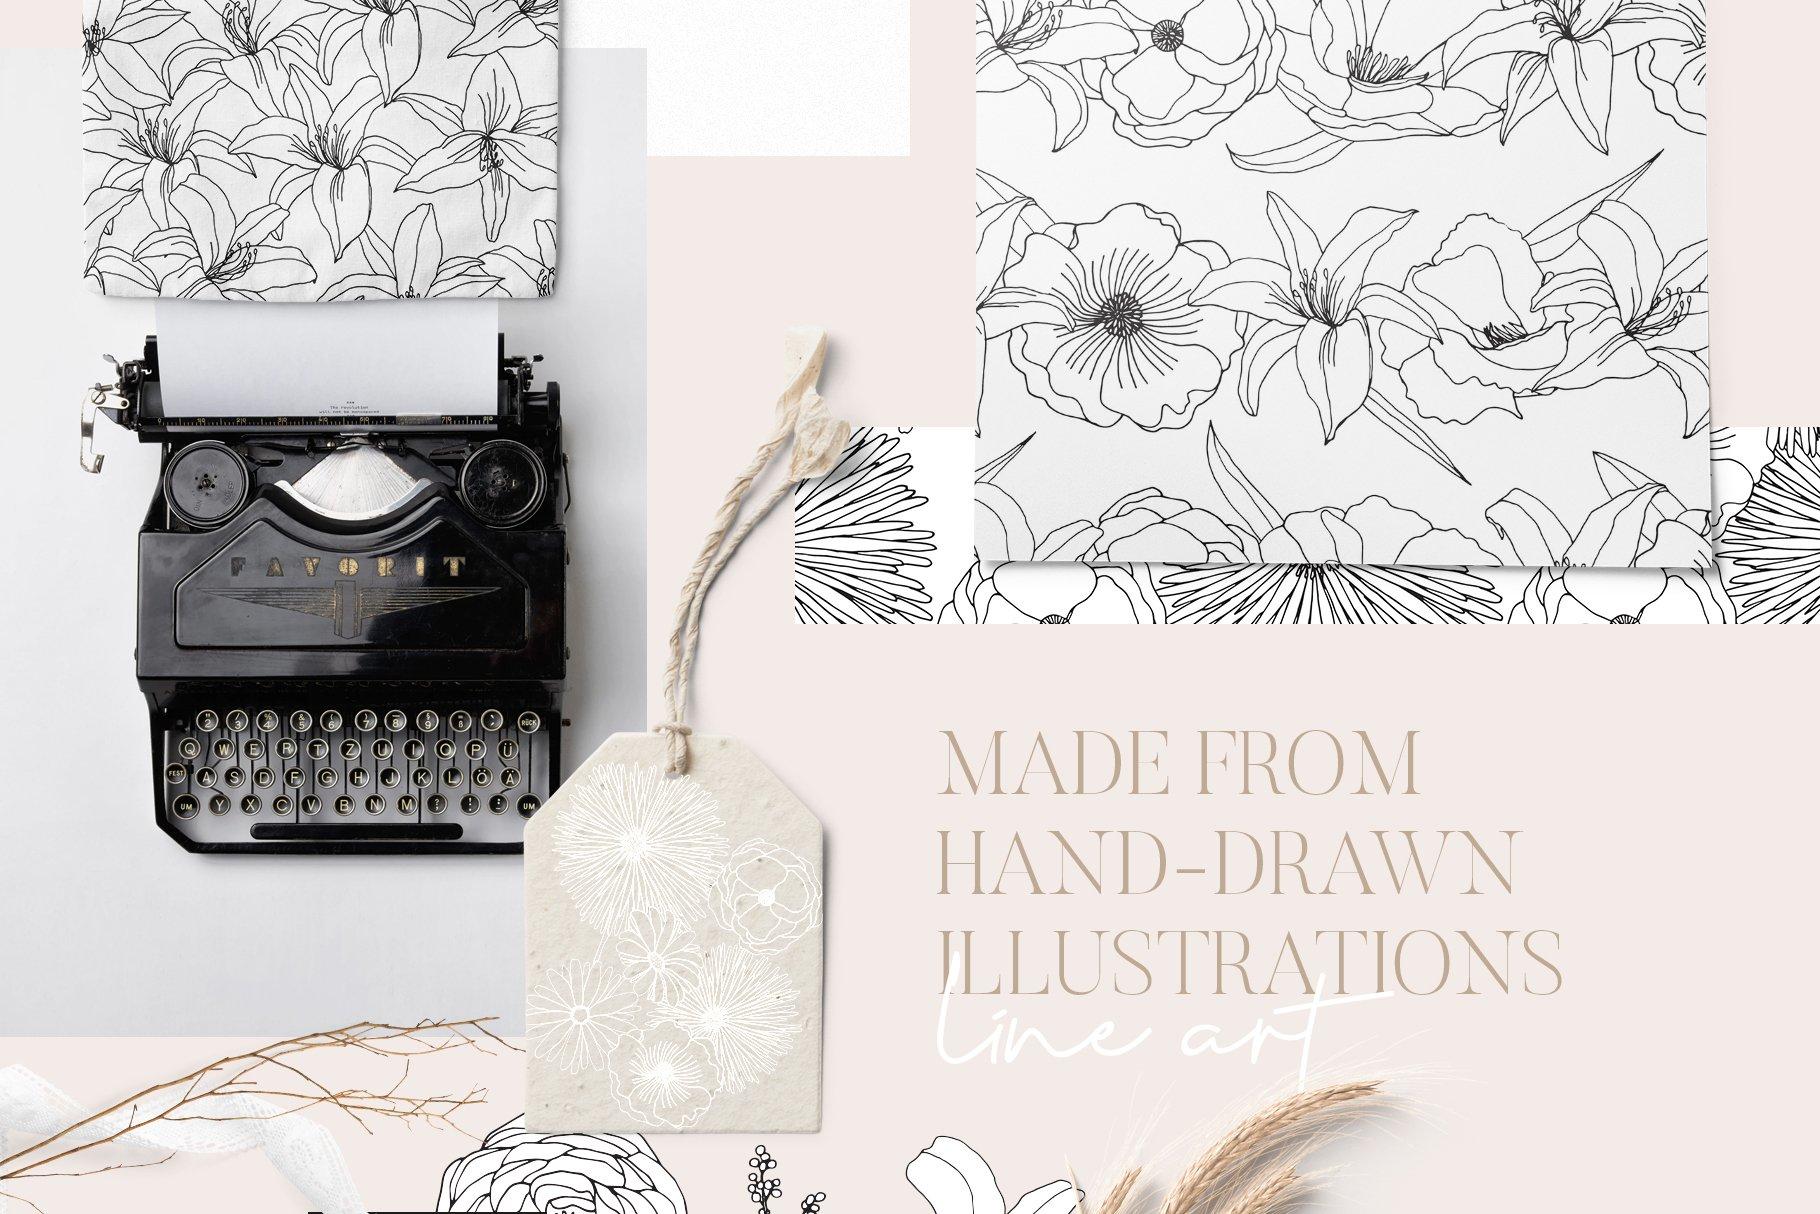 精美手绘花卉花朵无缝隙矢量线稿图案素材 Floral Blast Patterns And Bouquets插图(7)